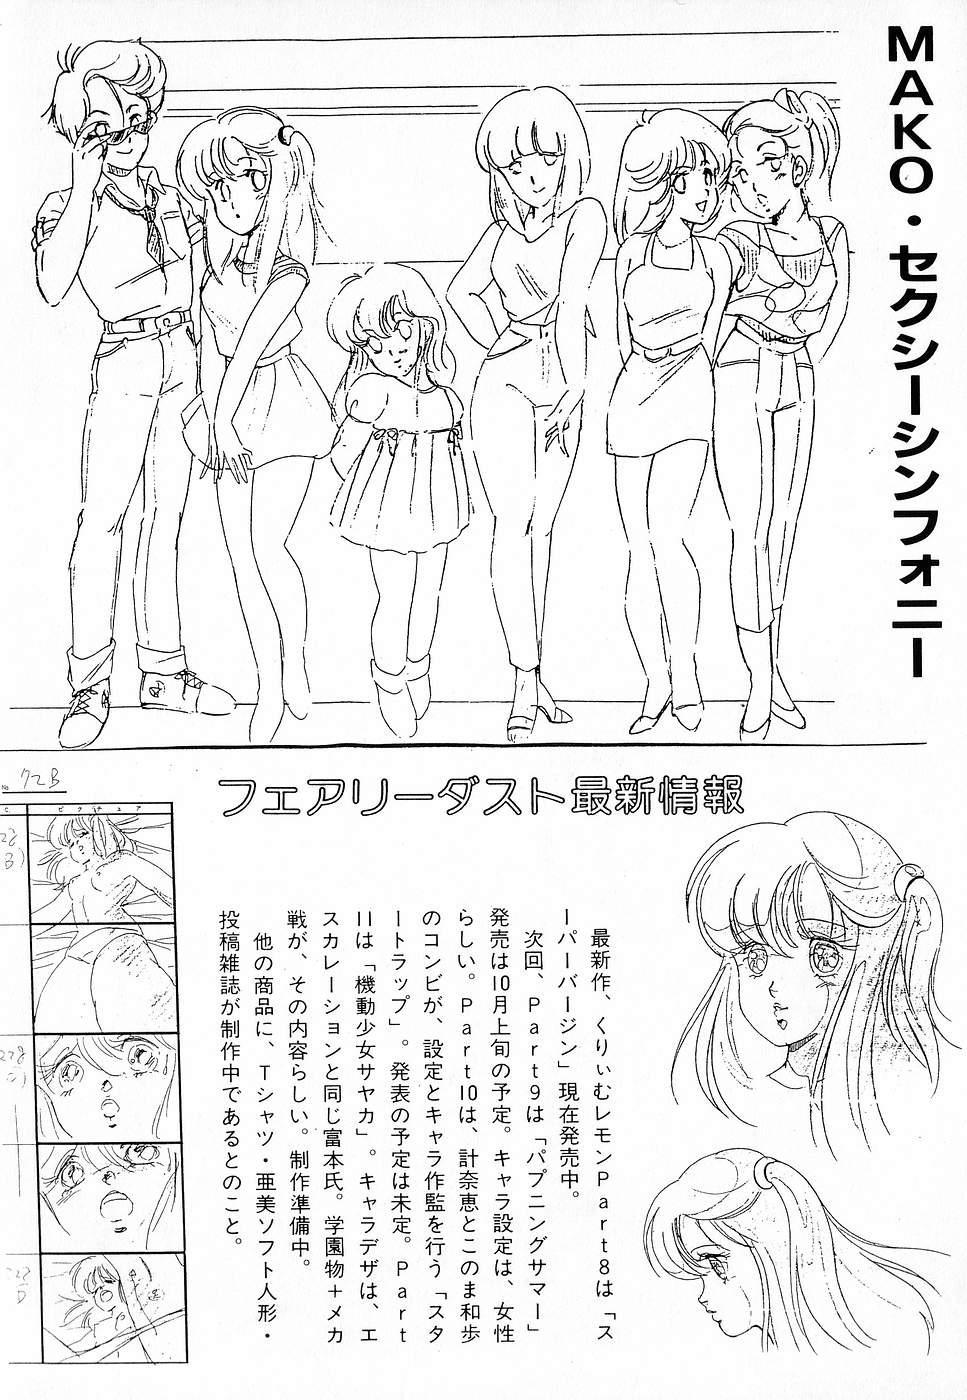 COMIC Lolipop 1985-10 Soukanjunbigou Aki 121